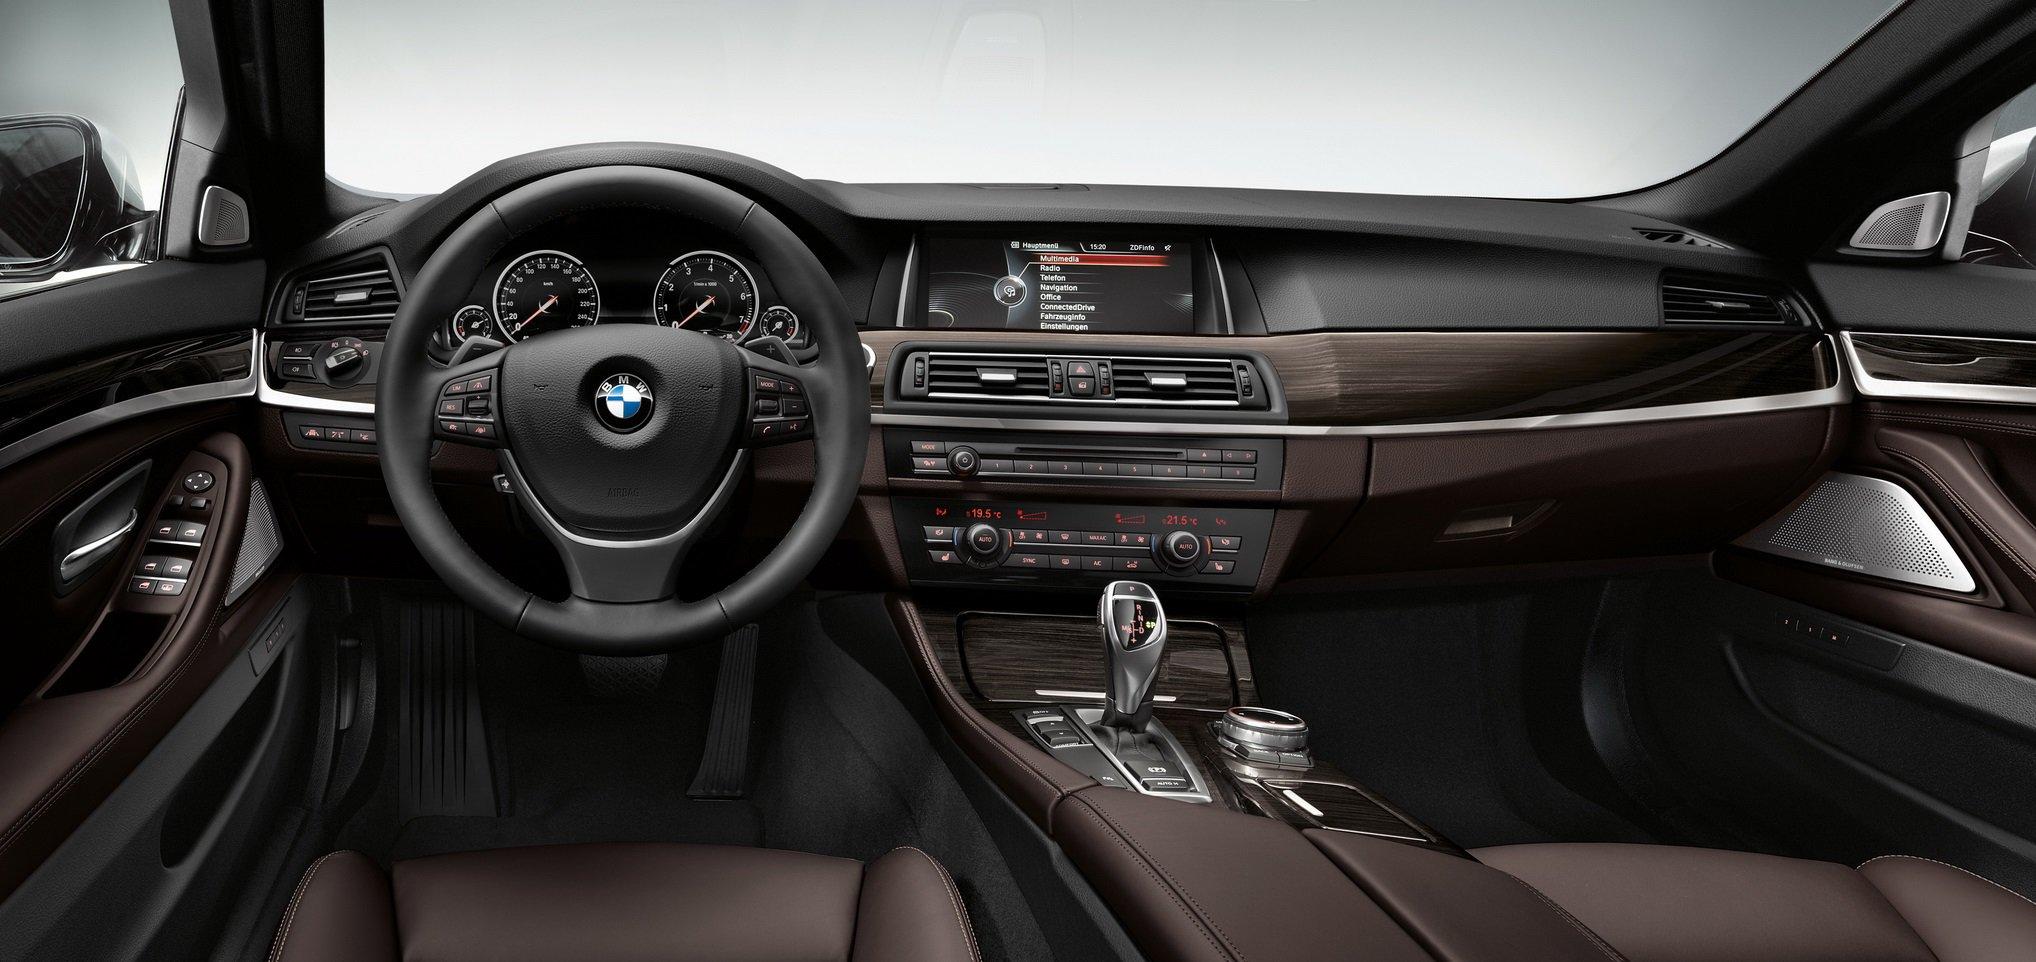 Finał wielkiego starcia w segmencie E BMW vs Lexus vs Maserati vs